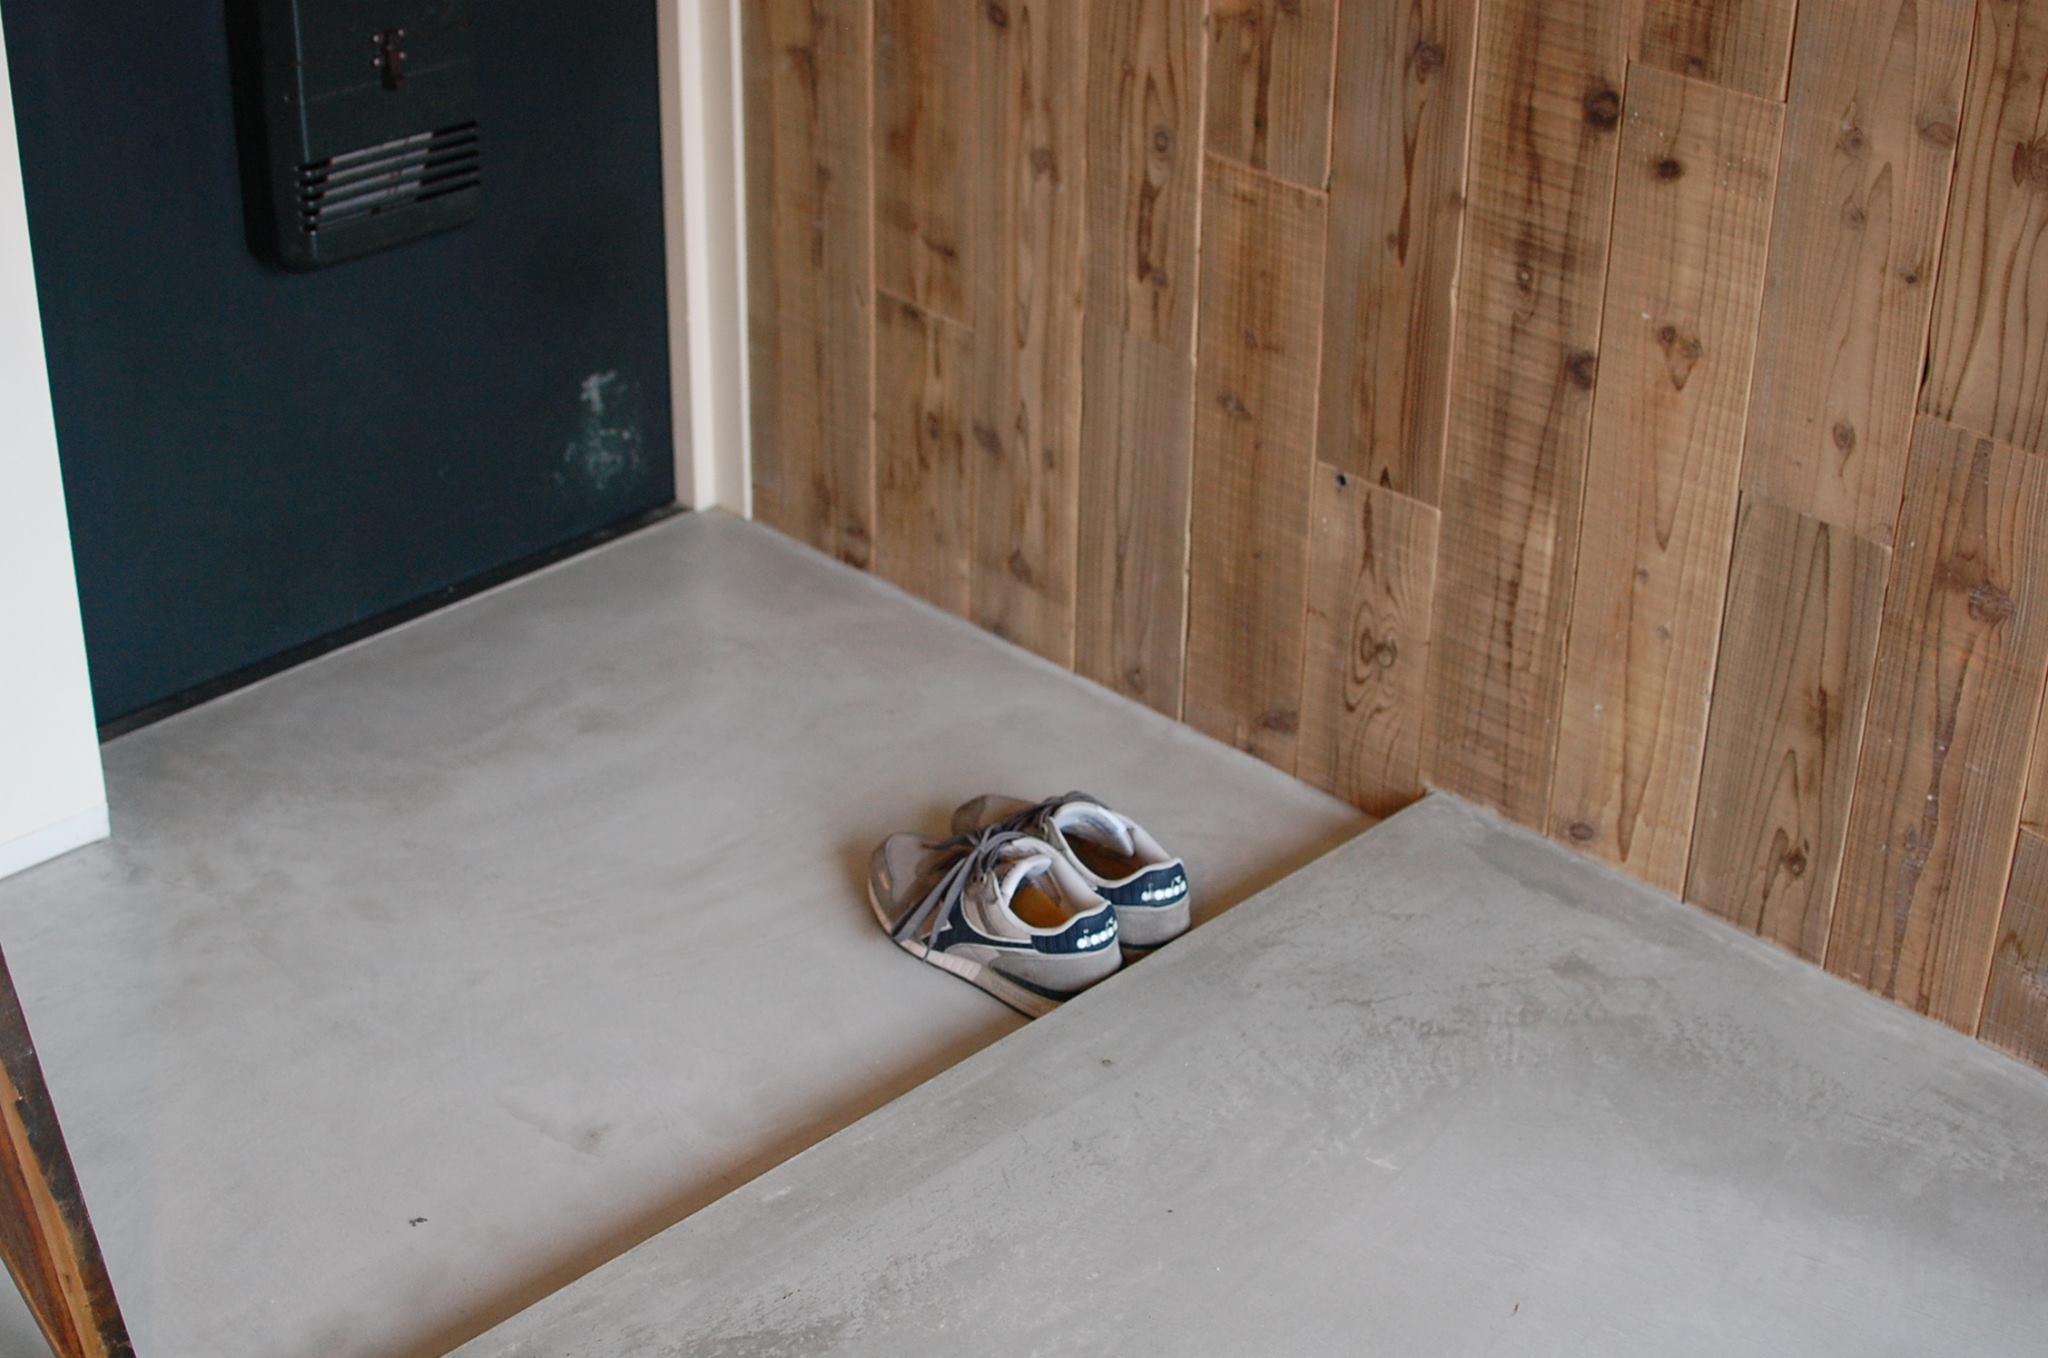 思わず靴を揃えたくなる玄関